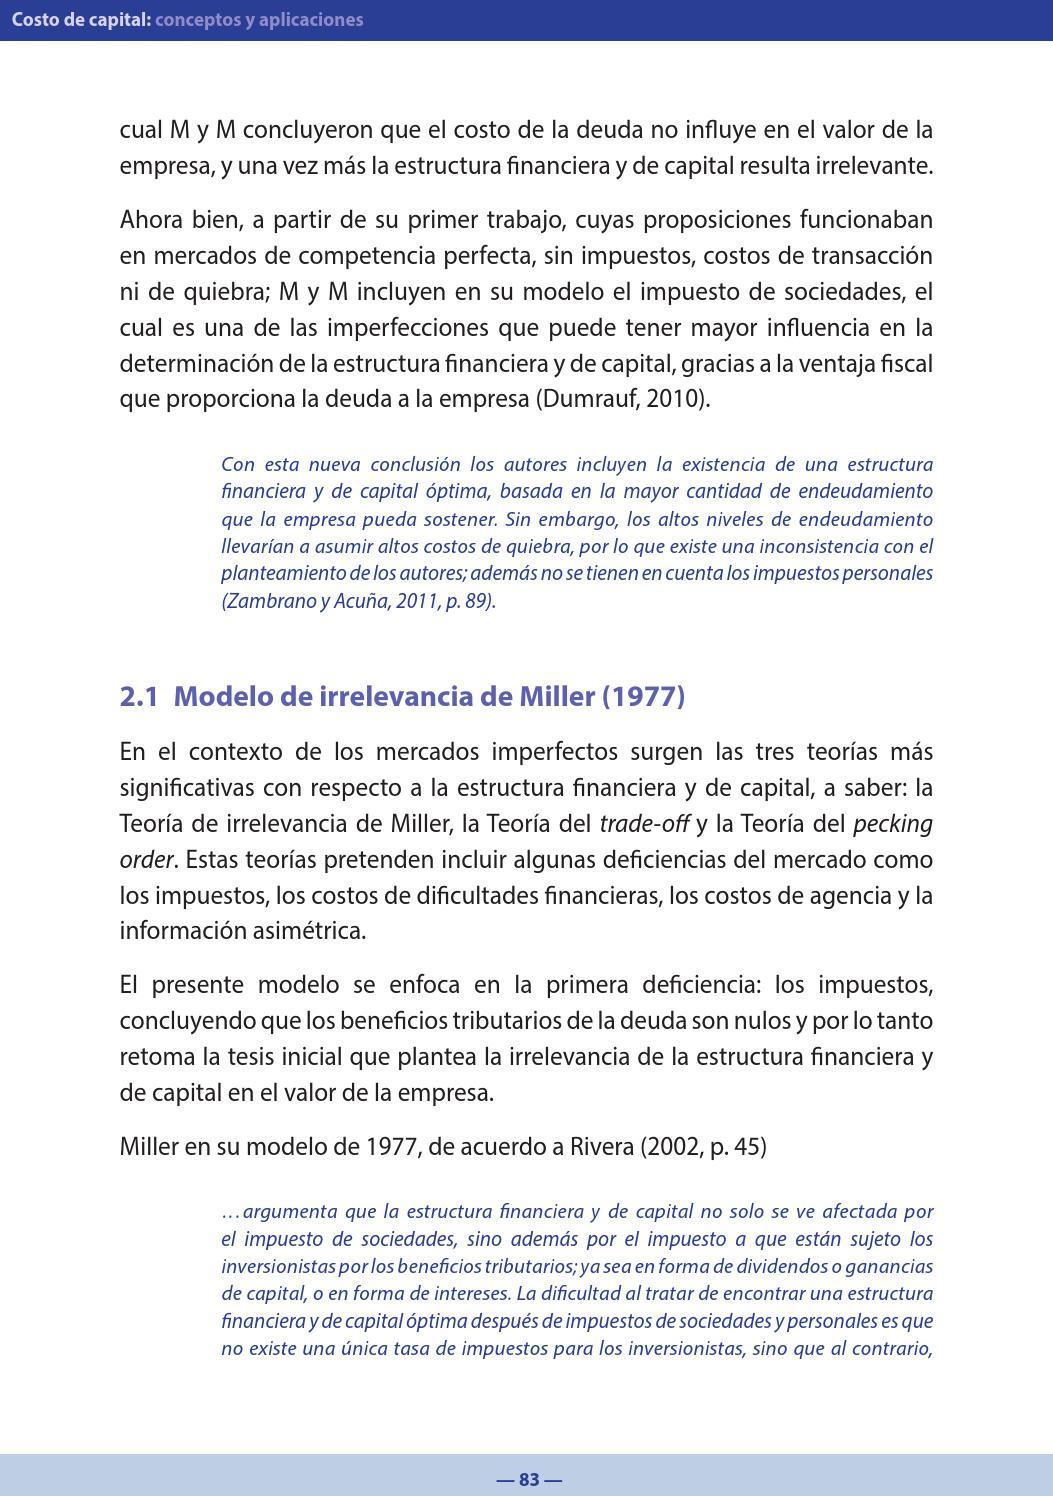 Libro Costo De Capital Conceptos Y Aplicaciones By Facultad